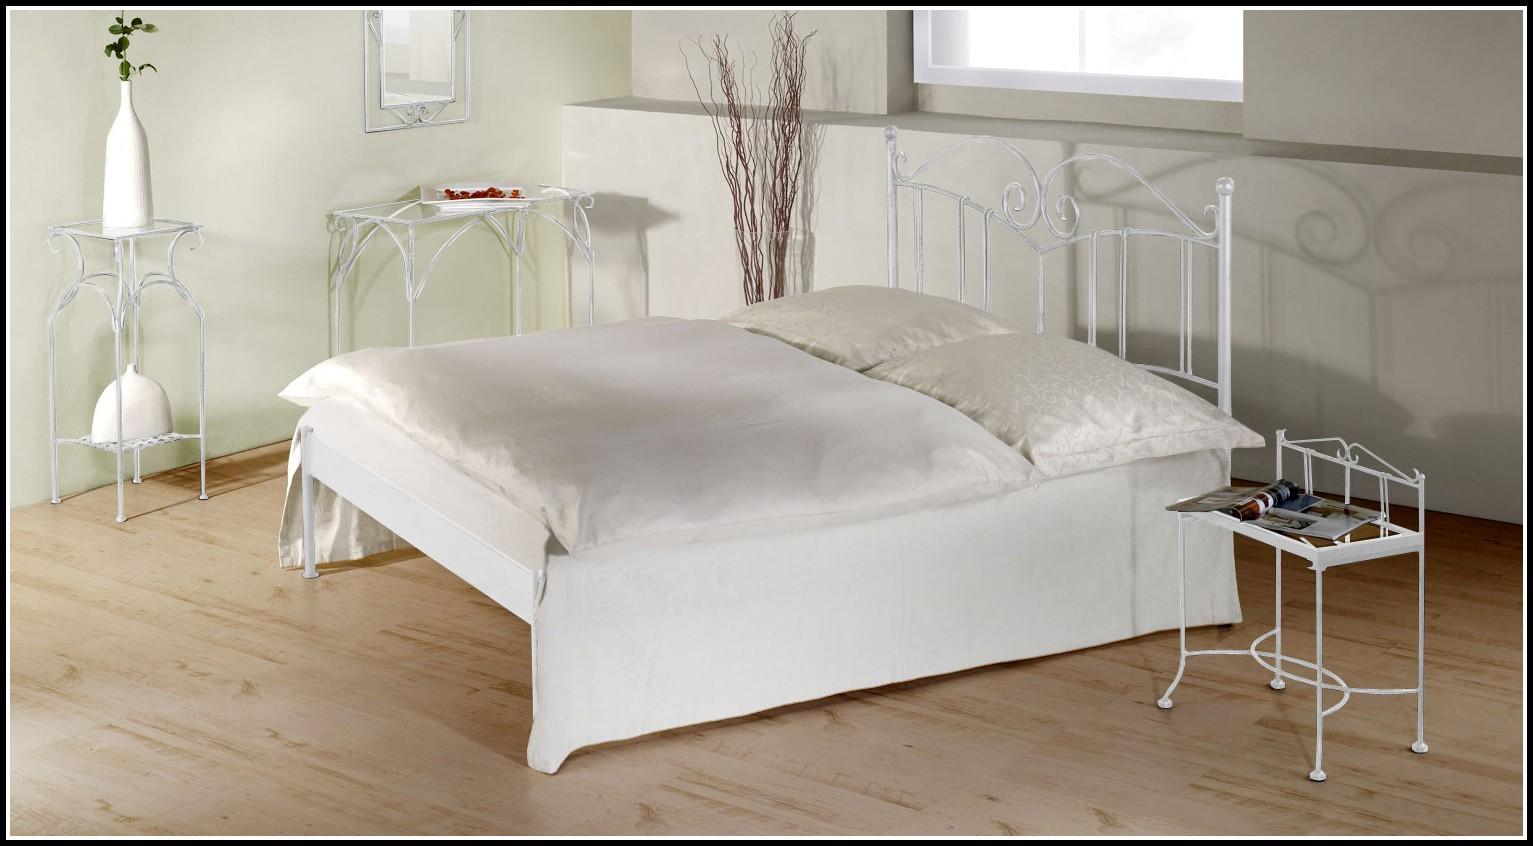 bett ohne rahmen bedeutet betten house und dekor. Black Bedroom Furniture Sets. Home Design Ideas